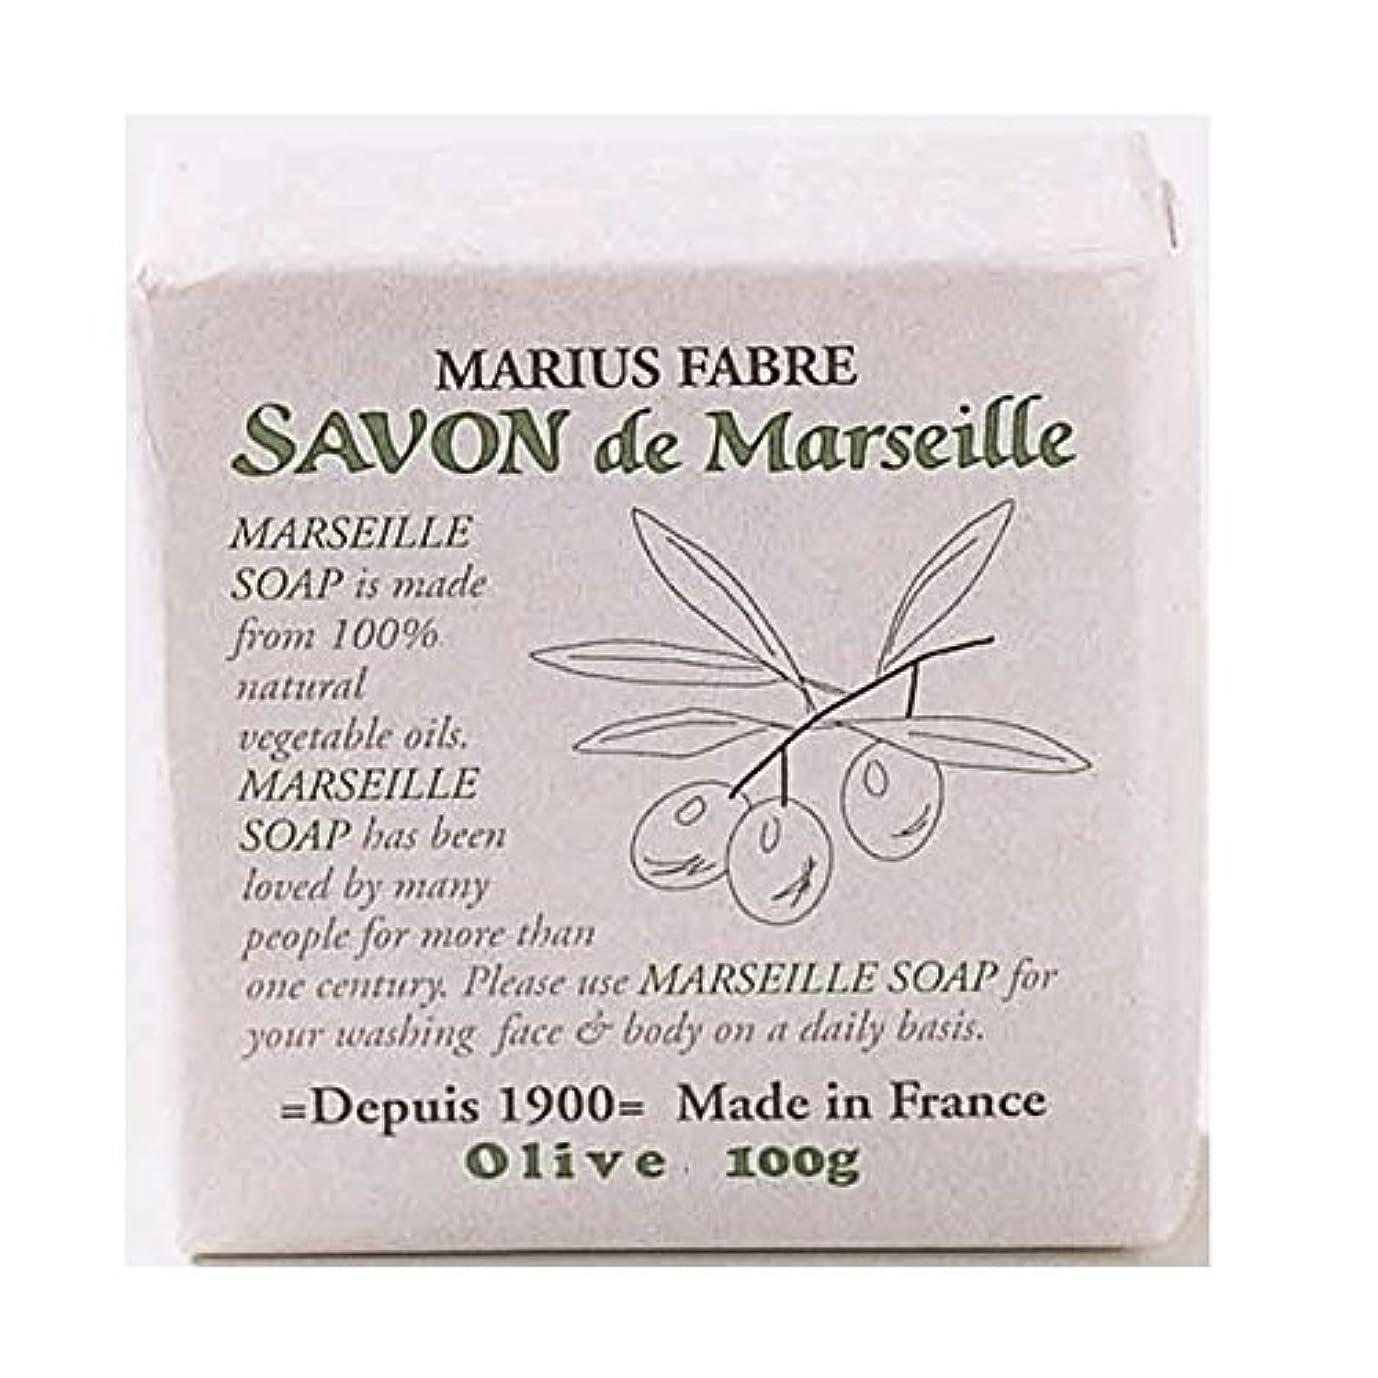 証明思想道に迷いましたサボンドマルセイユ 無香料 オリーブ石鹸 100g 6個セット マリウスファーブル